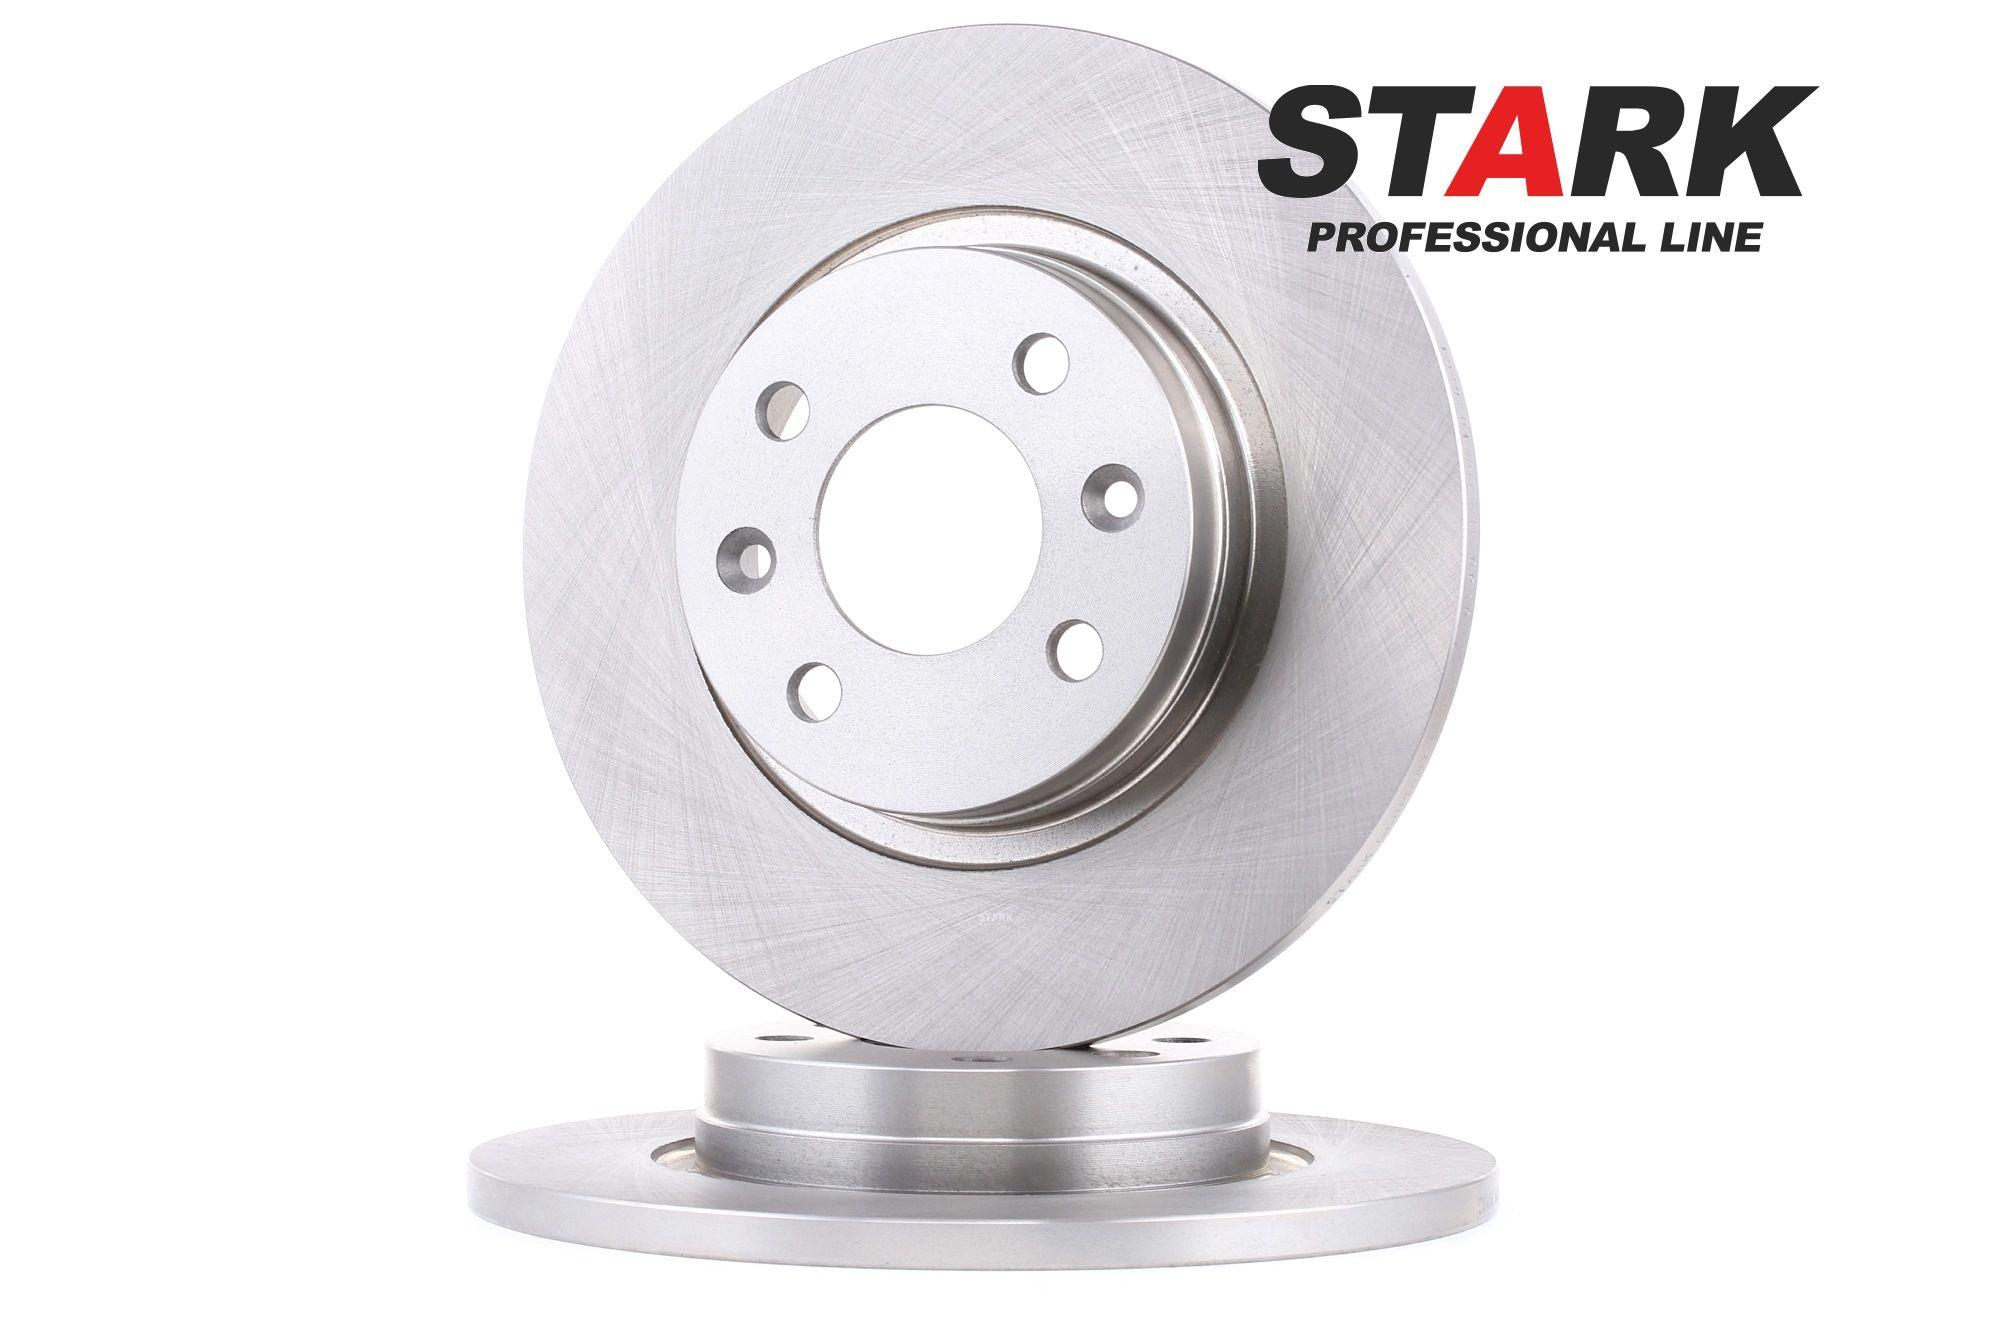 SKBD-0020080 STARK Vorderachse, Voll Ø: 259mm, Lochanzahl: 4, Bremsscheibendicke: 12mm Bremsscheibe SKBD-0020080 günstig kaufen